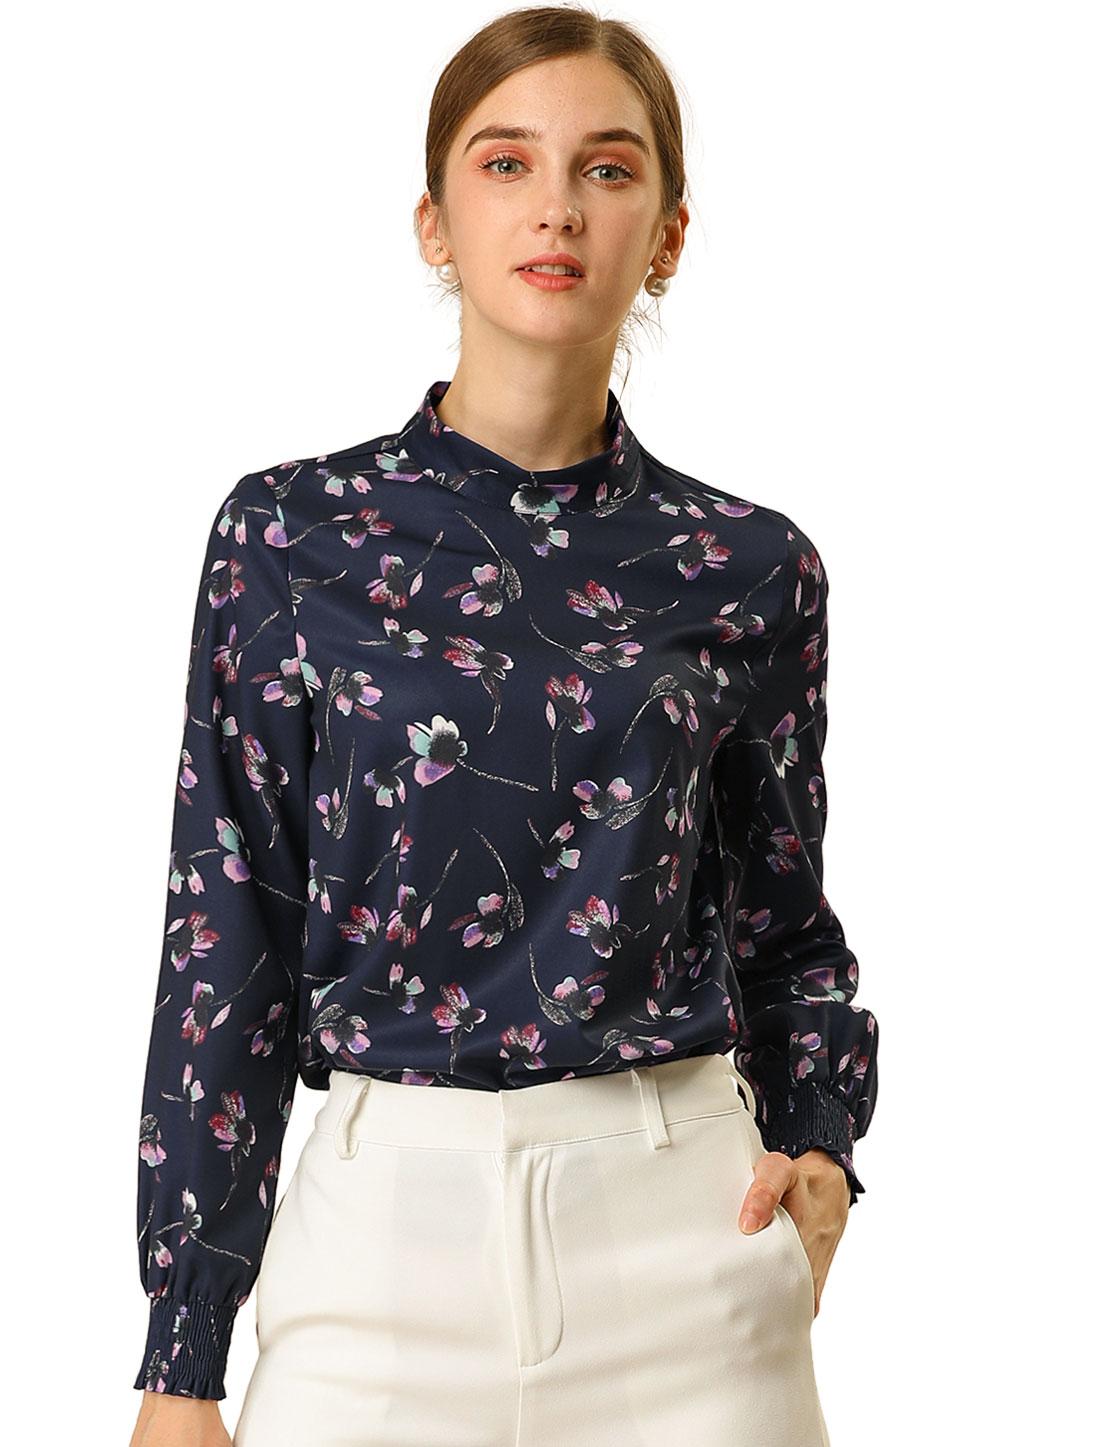 Allegra K Women's Floral Print Mock Neck Long Sleeve Blouse Dark Blue S